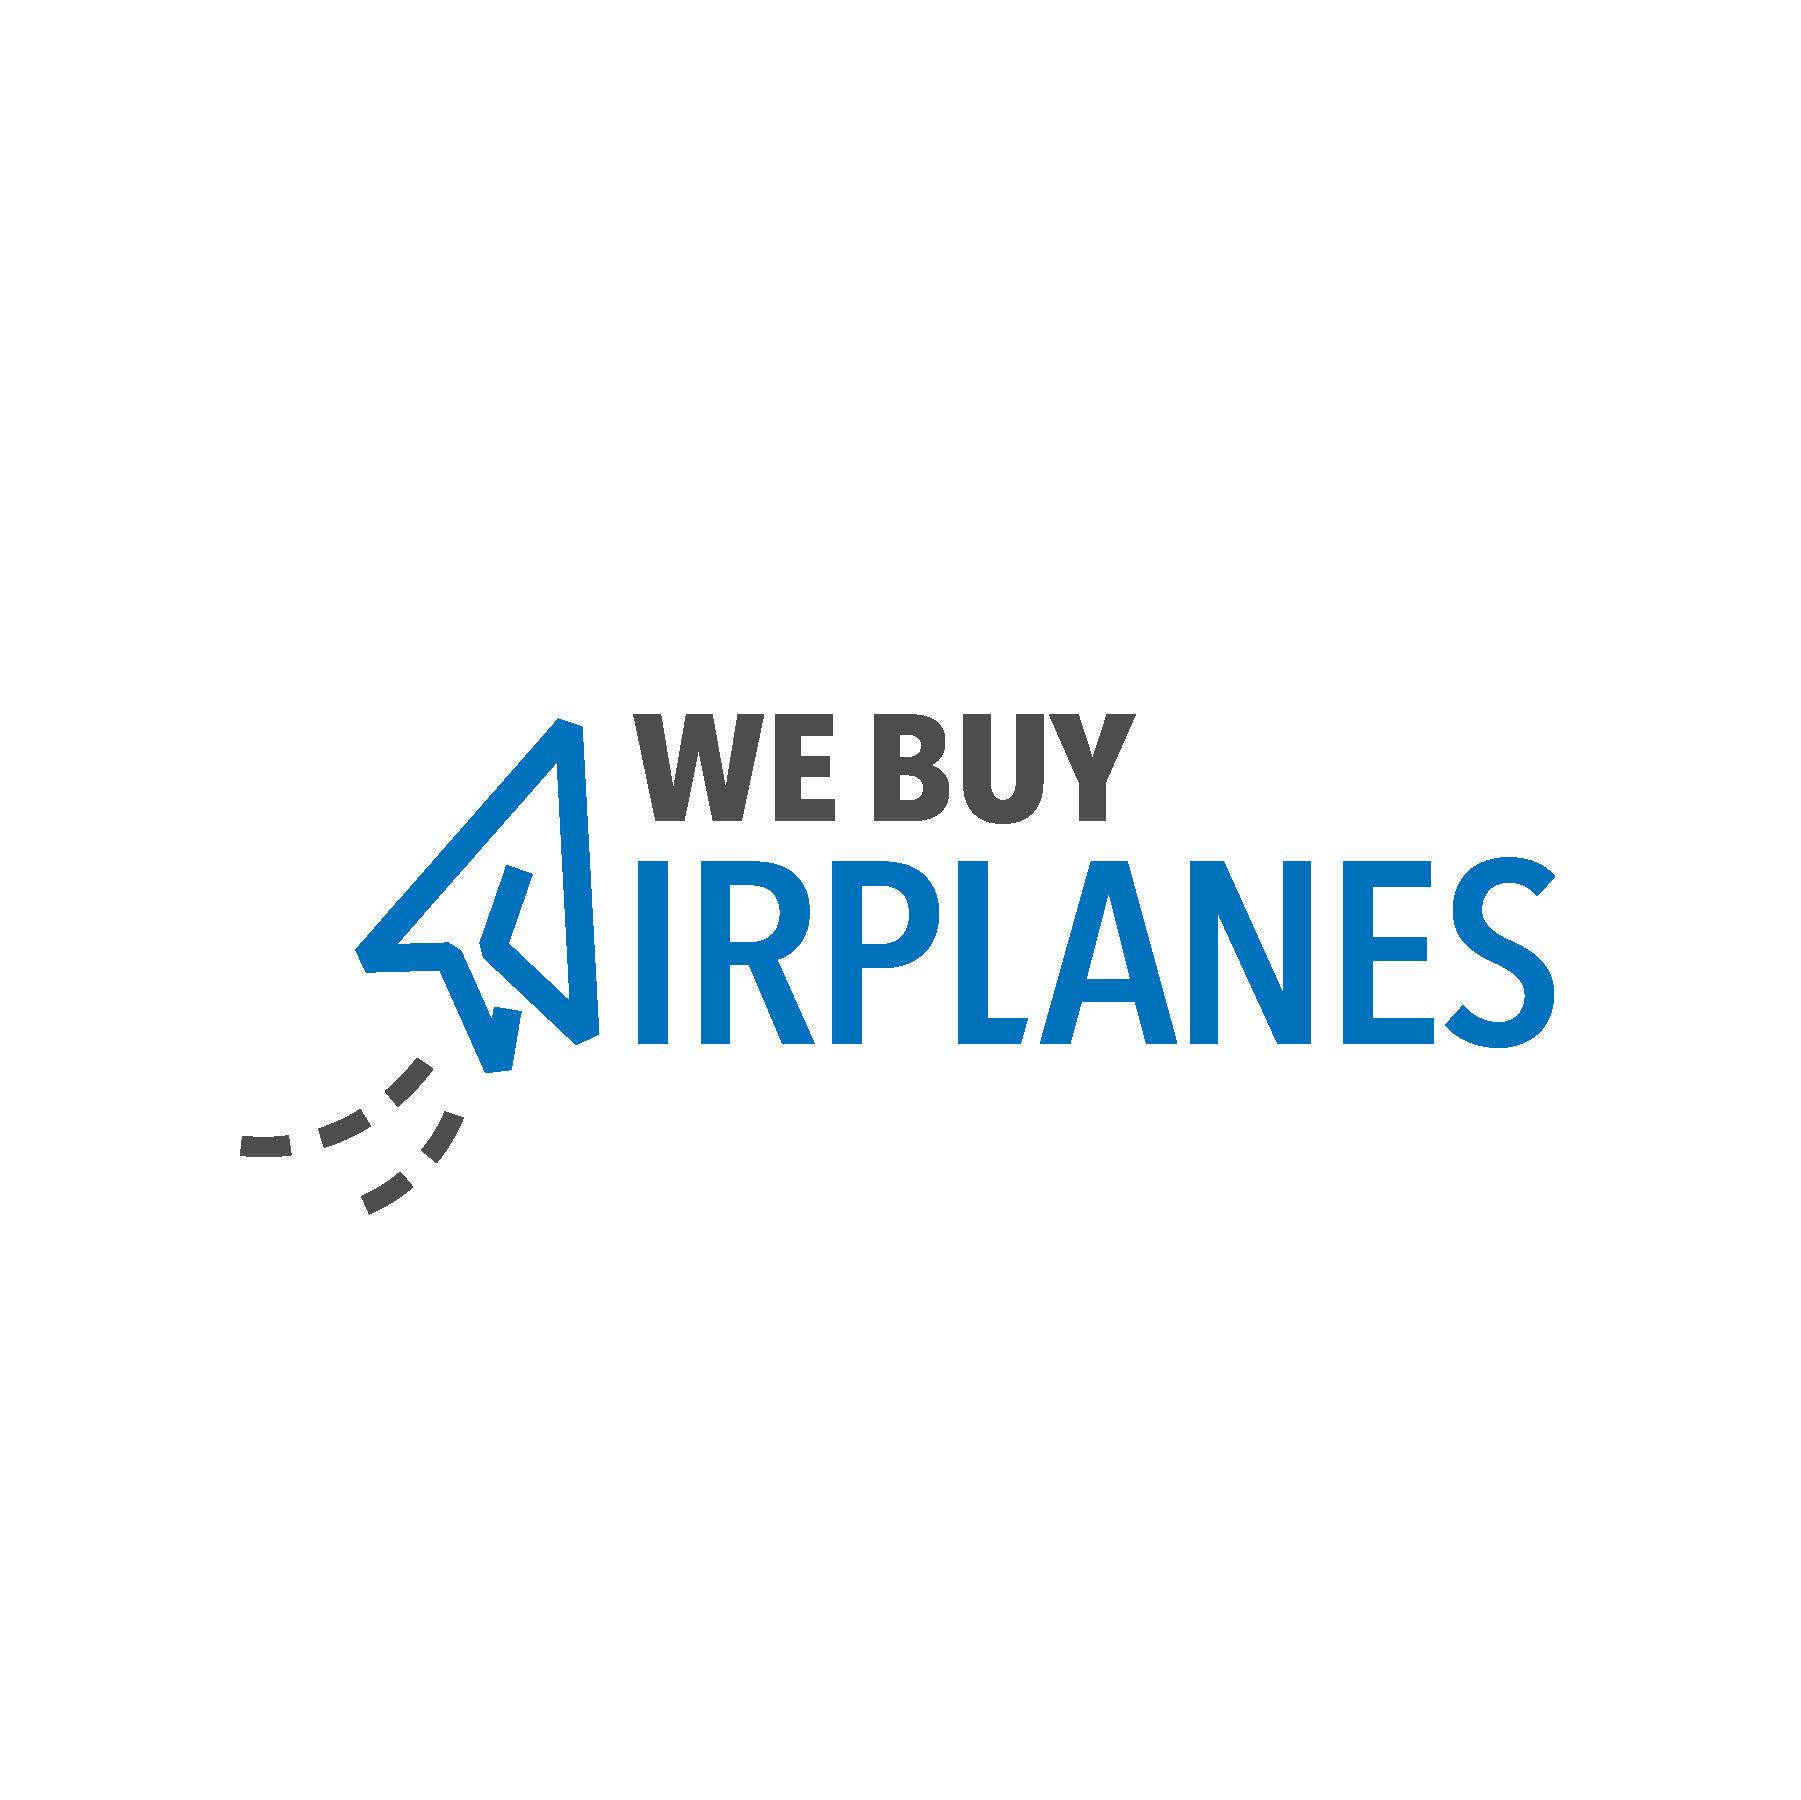 WeBuyAirplanes_LOGO-02